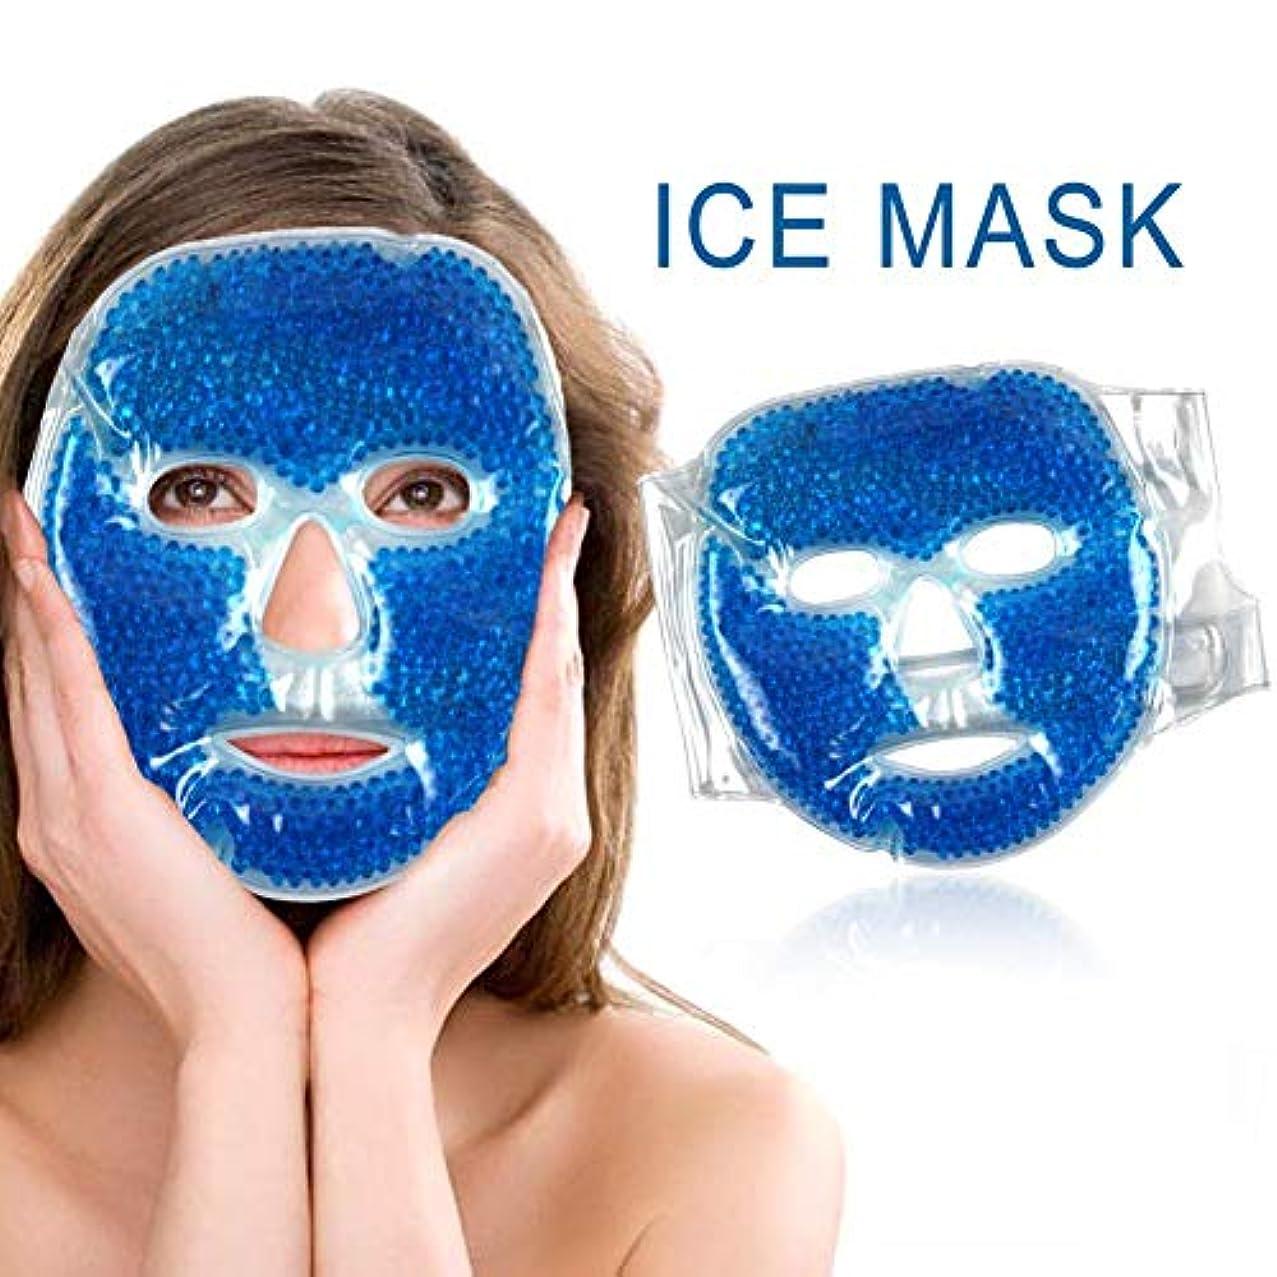 フォルダ。追うSILUN フェイスマスク 冷温兼用 アイスマスク 美容用 再利用可能 毛細血管収縮 疲労緩和 肌ケア 保湿 吸収しやすい 美容マッサージ